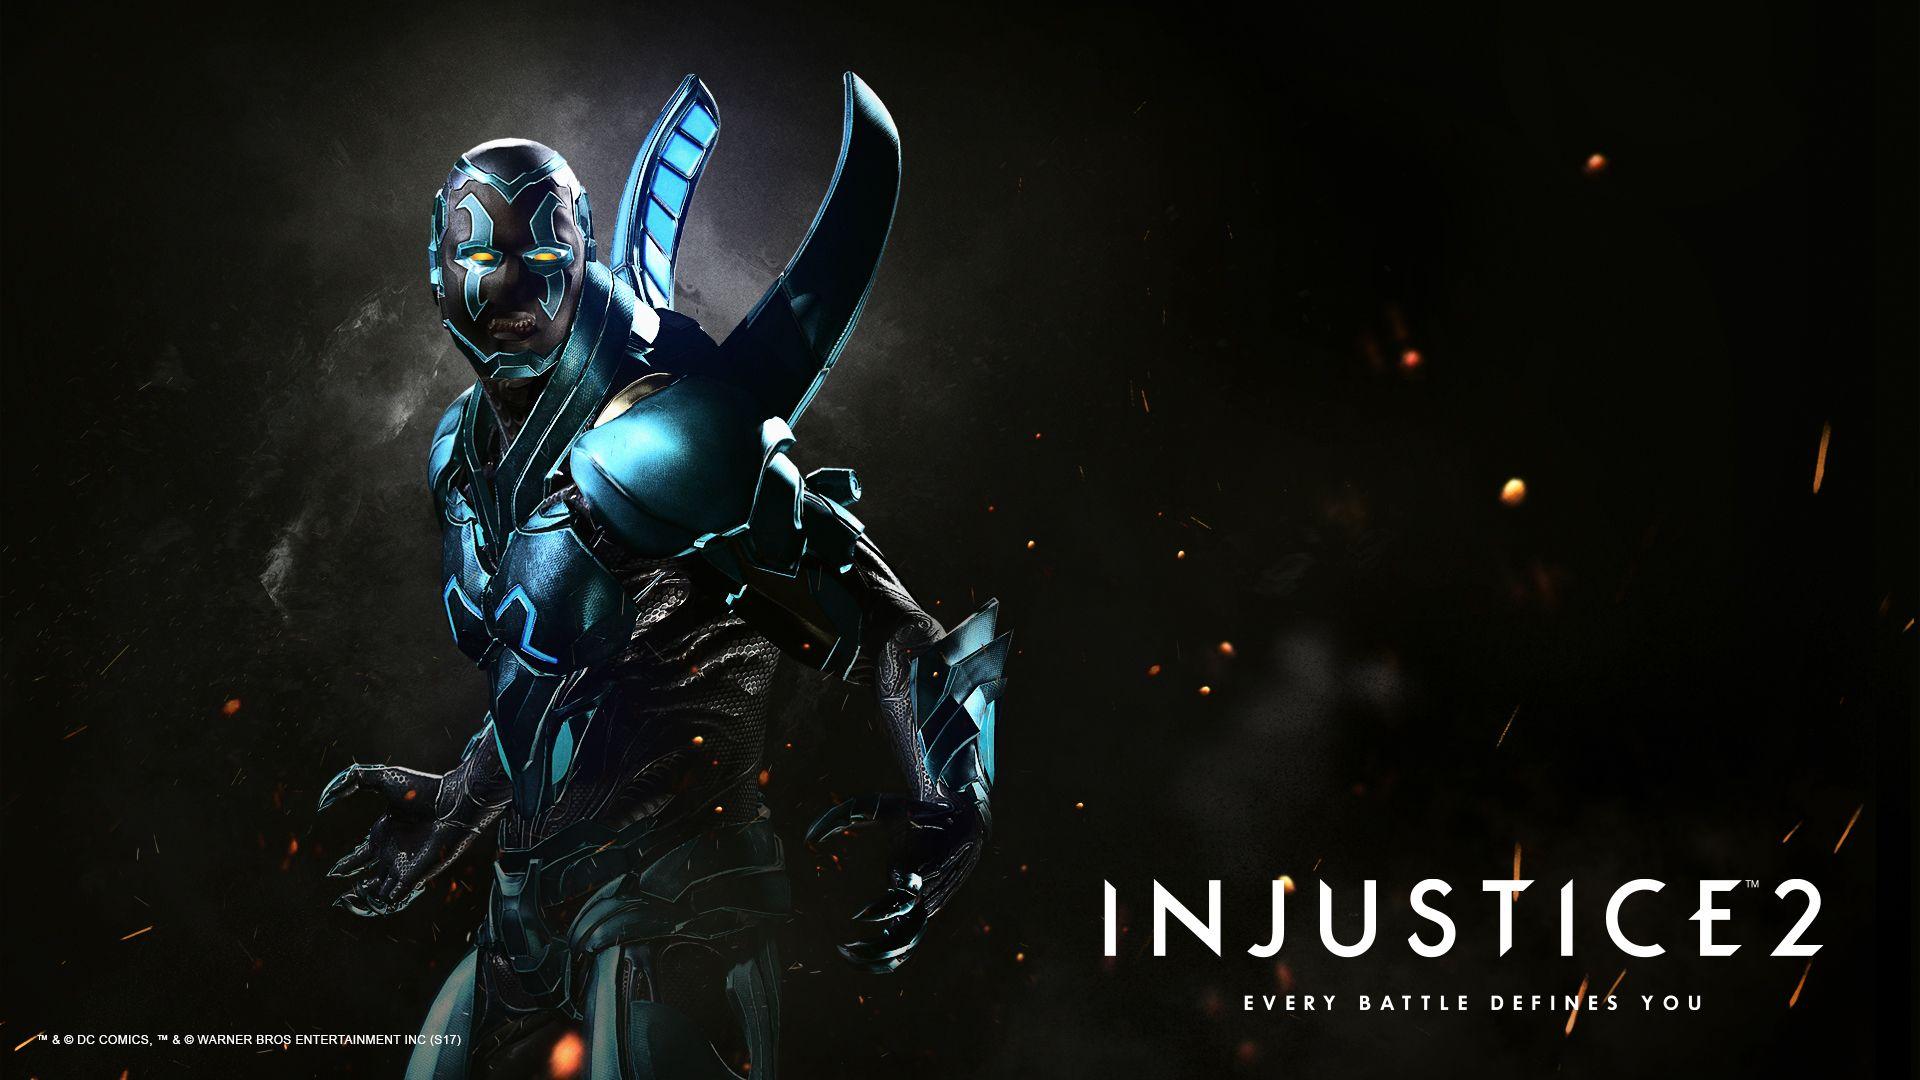 Jaime Reyes (Injustice)